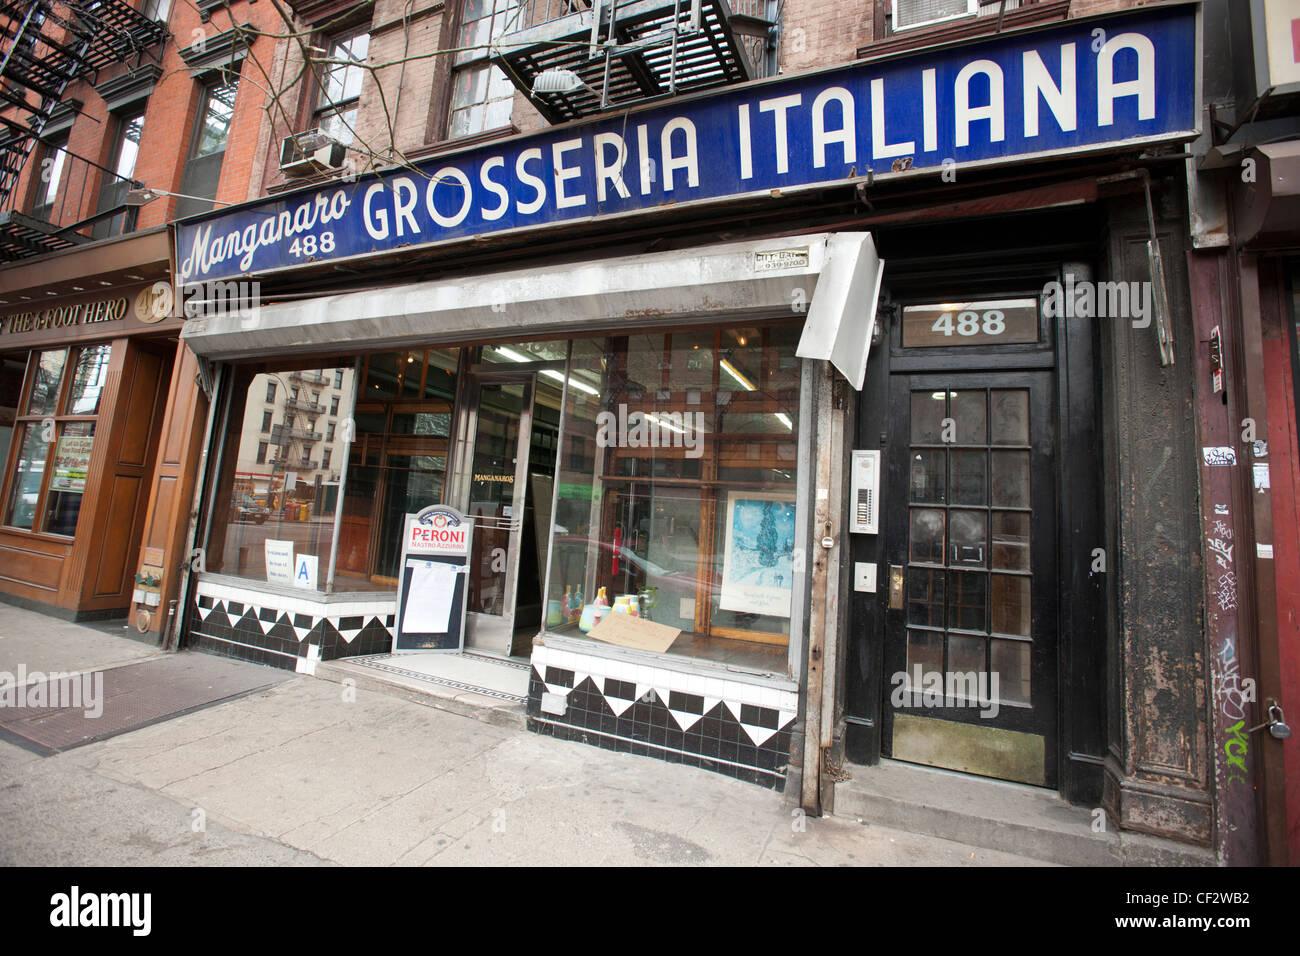 La Manganaro Grosseria Italiana en la Novena Avenida en el barrio de Hell's Kitchen, Nueva York Imagen De Stock